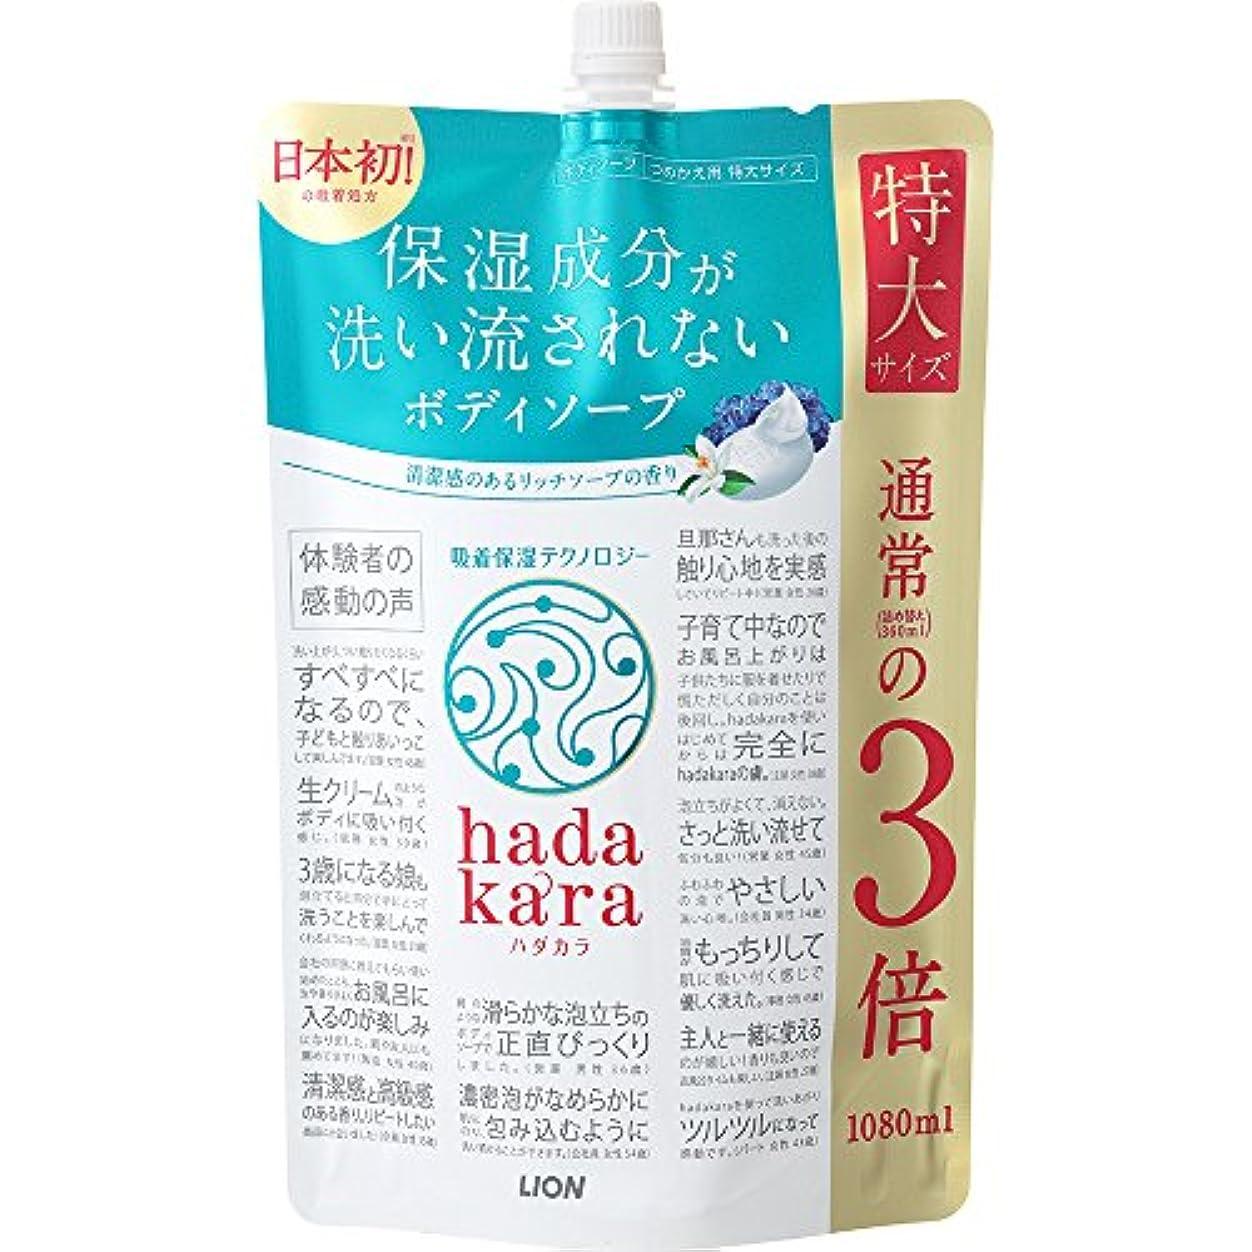 ミニ眩惑する女優【大容量】hadakara(ハダカラ) ボディソープ リッチソープの香り 詰め替え 特大 1080ml